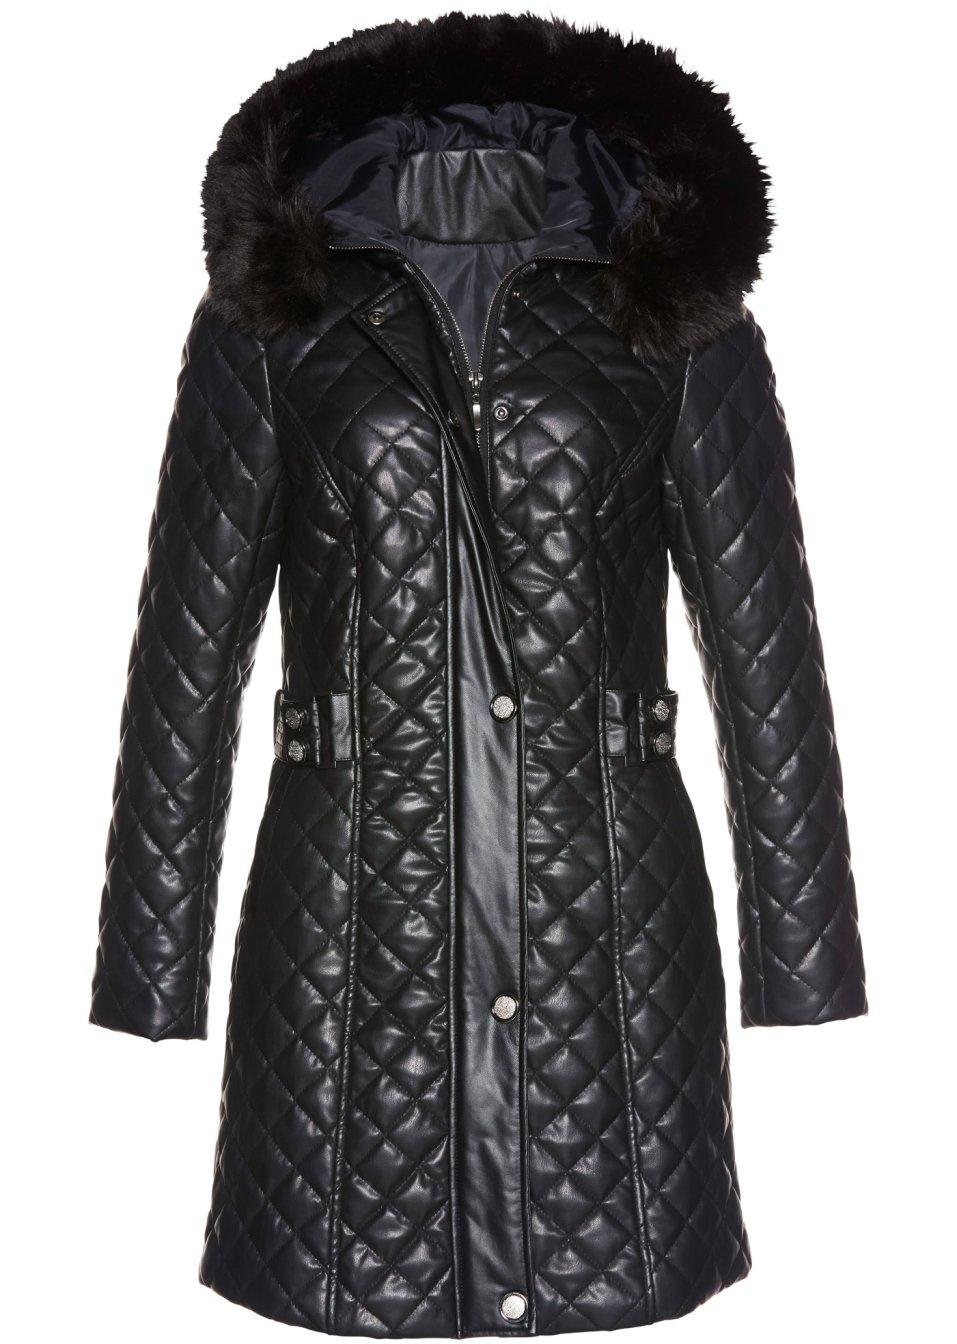 Mode Femme Vêtements DJLfdOFlkj Manteau matelassé en synthétique imitation cuir noir bpc selection premium .fr